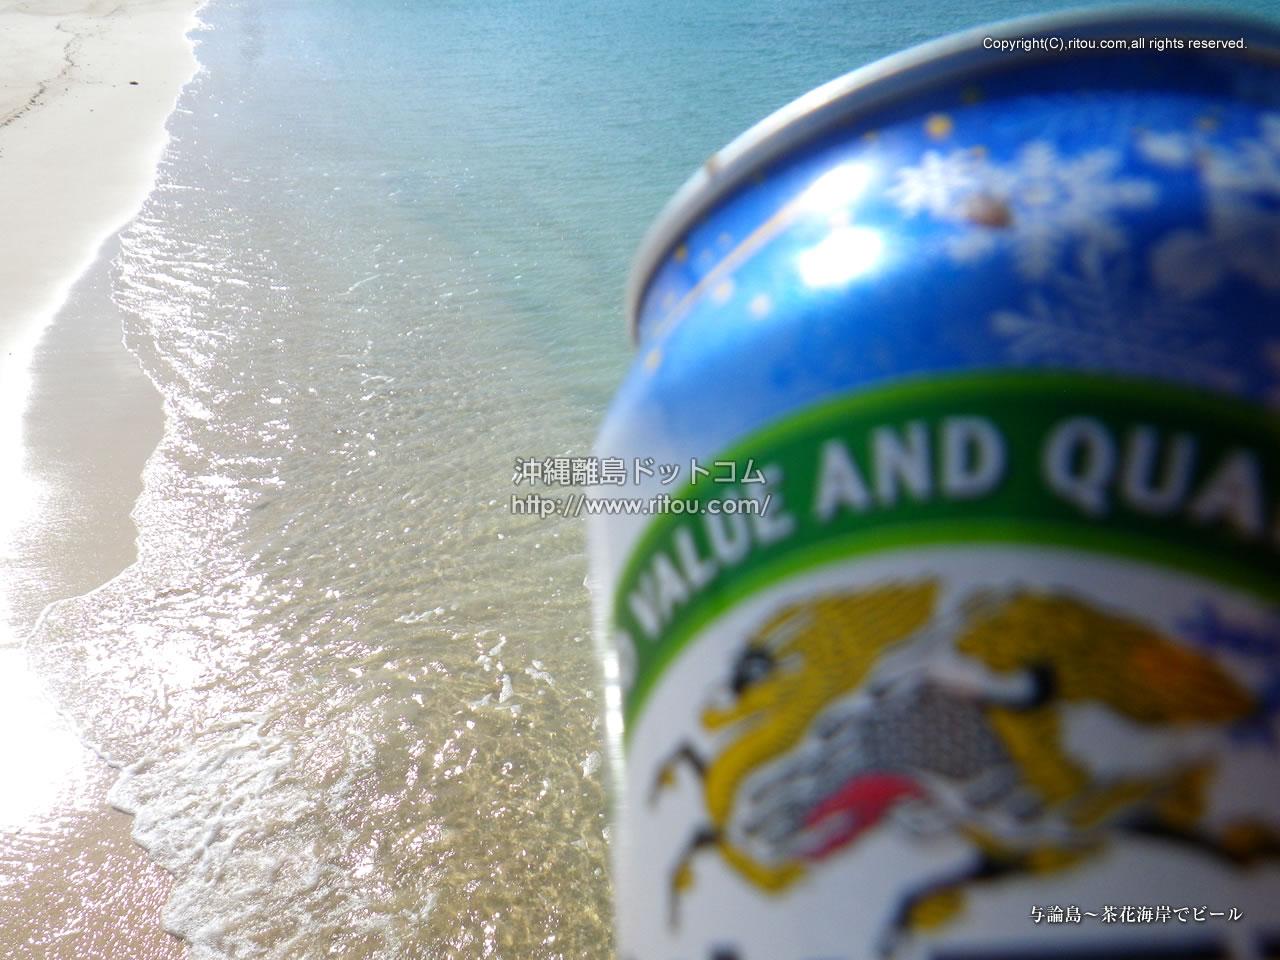 与論島〜茶花海岸でビール